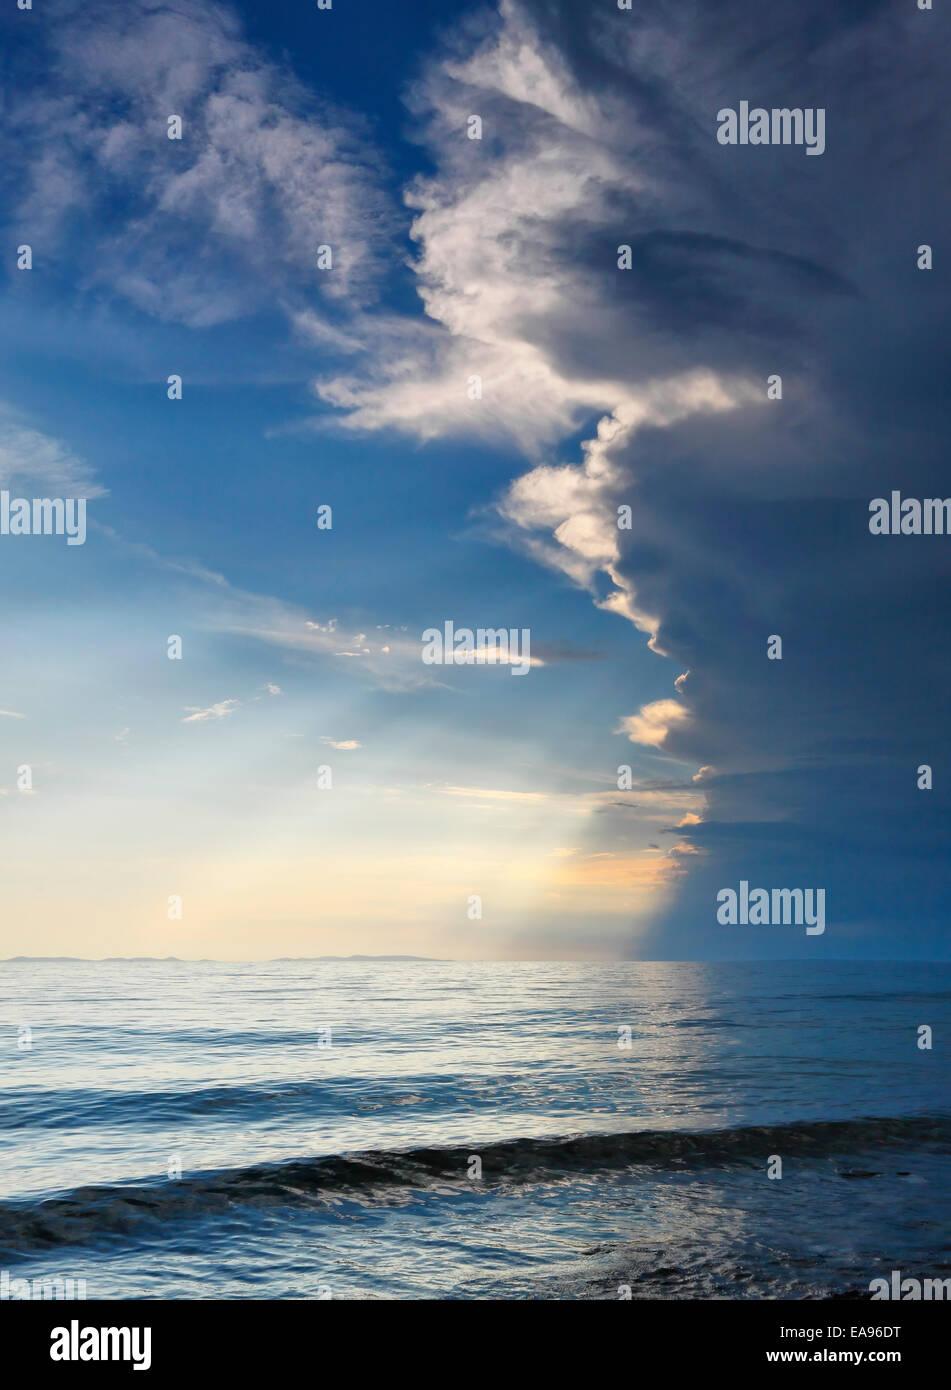 Nuvole temporalesche sull'oceano Immagini Stock